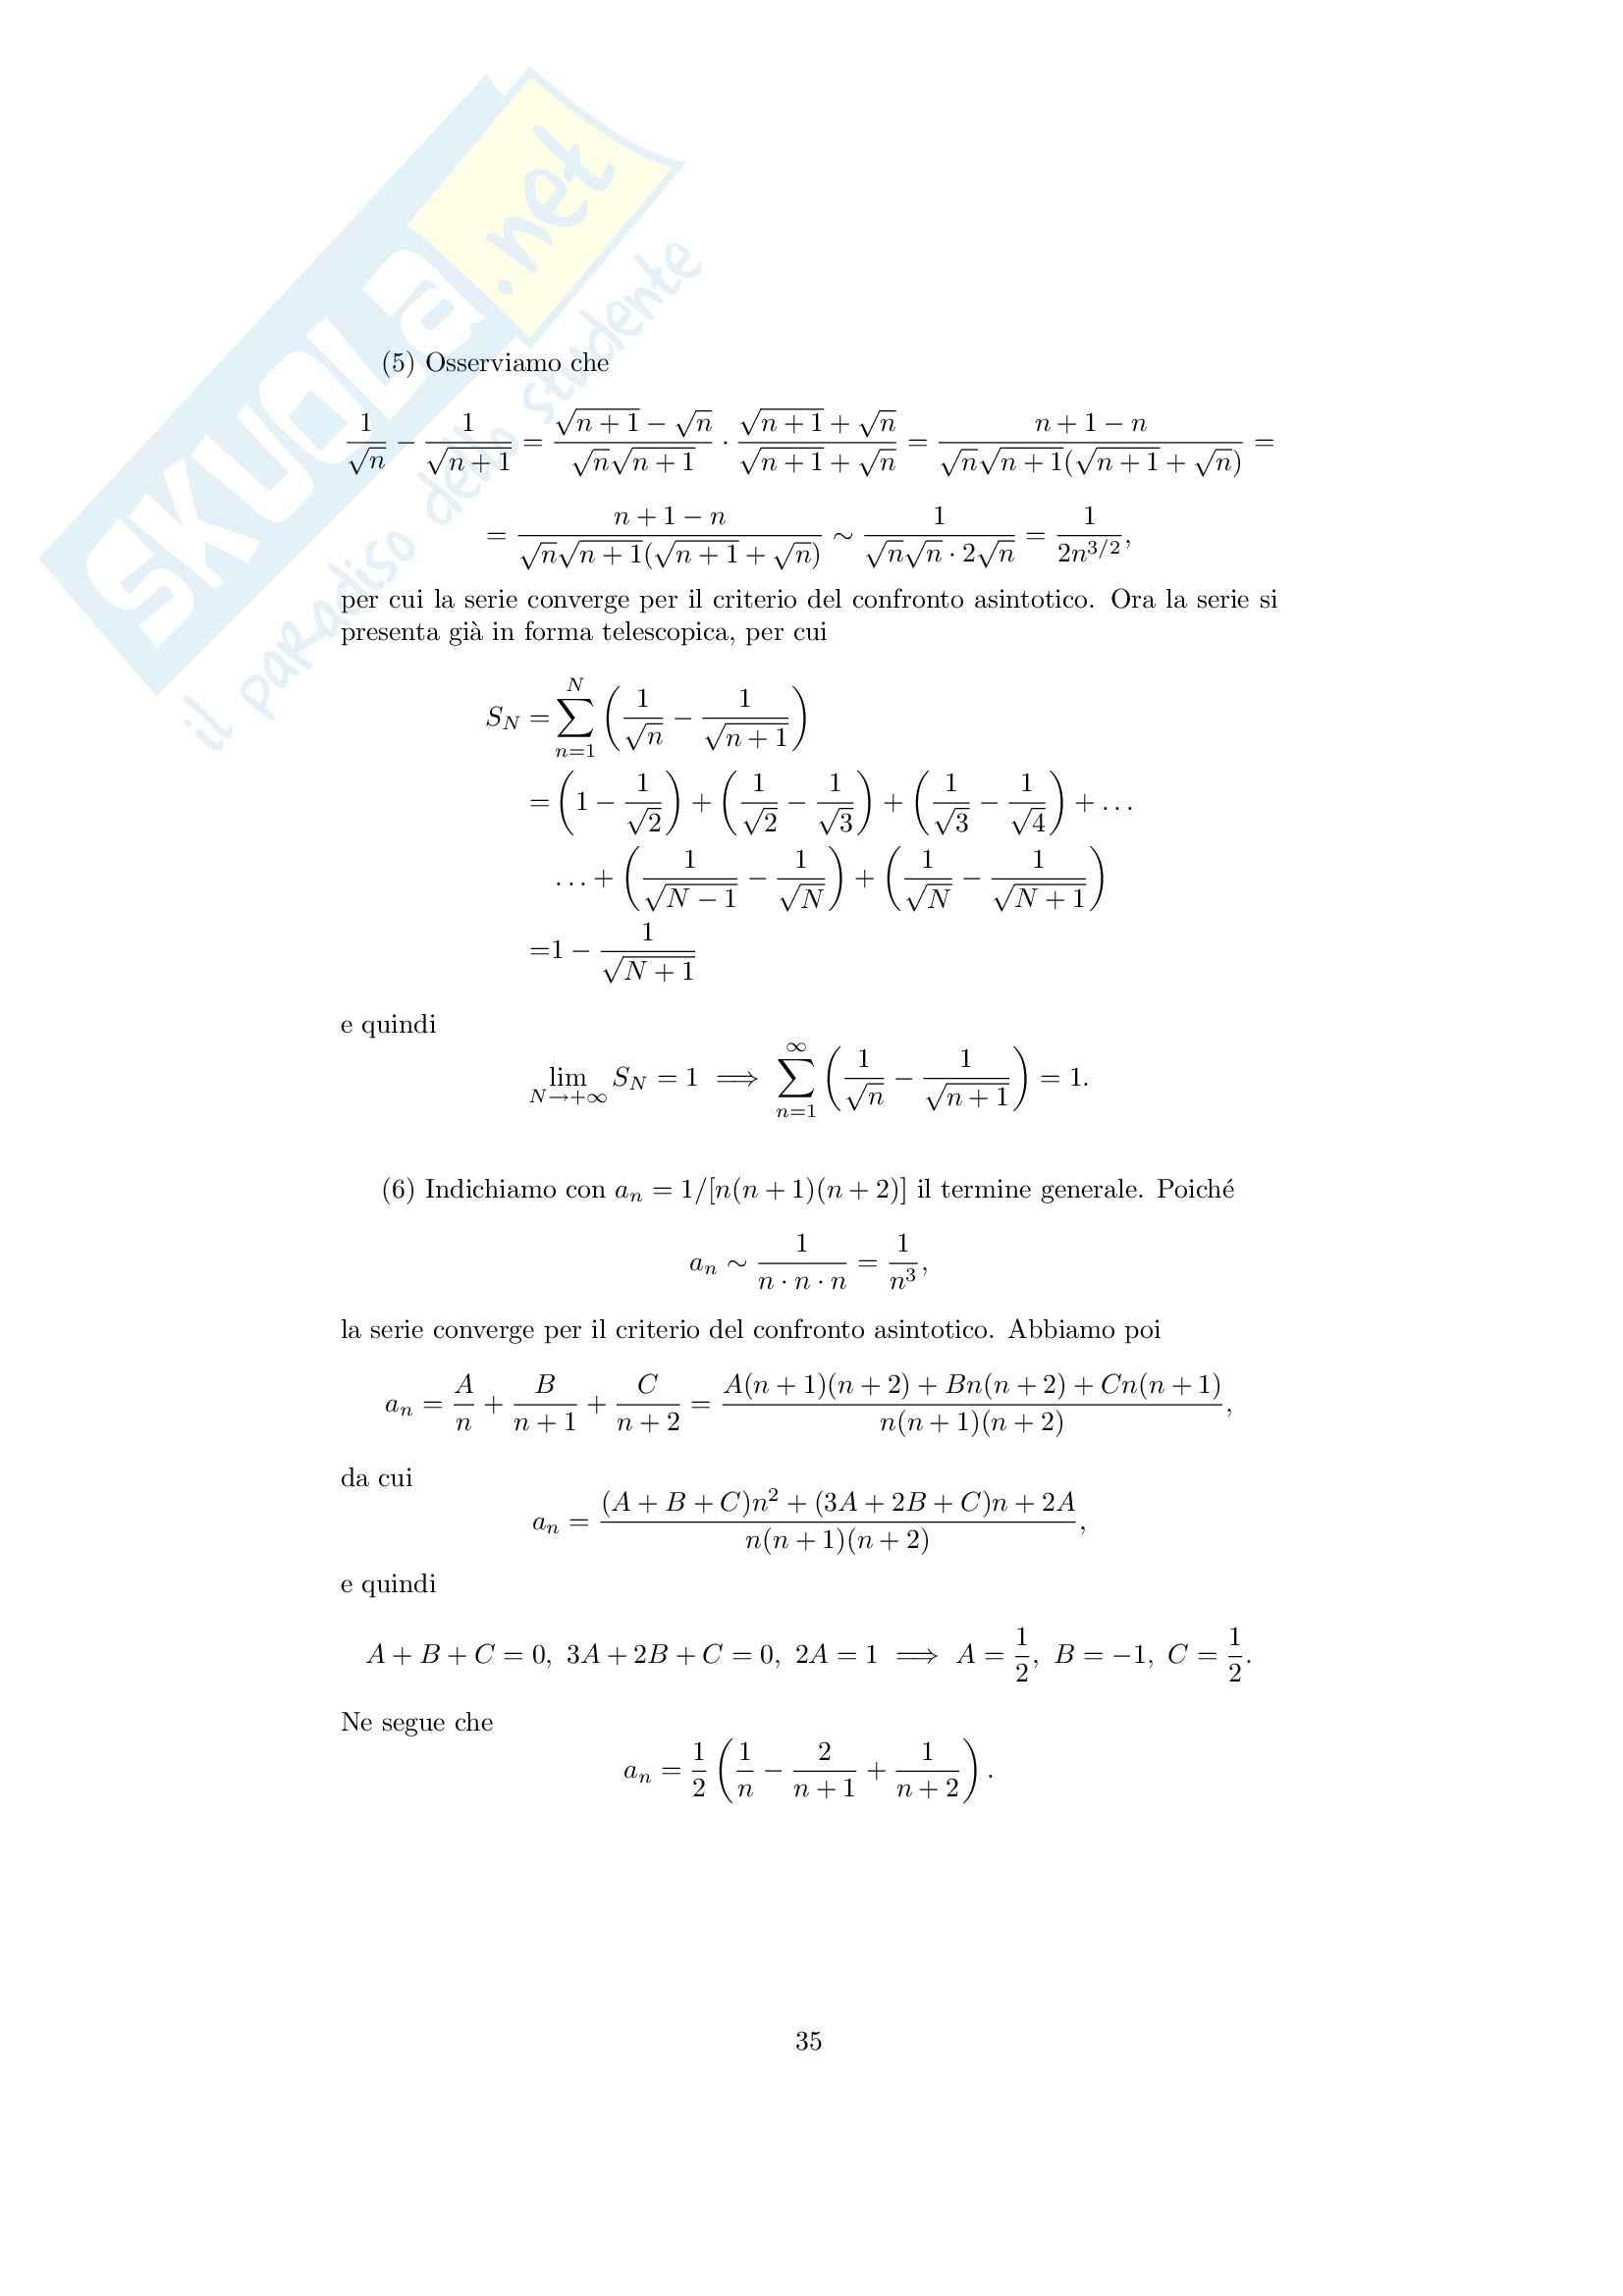 Analisi matematica 1 - Note ed esercizi svolti su Successioni e serie numeriche Pag. 11